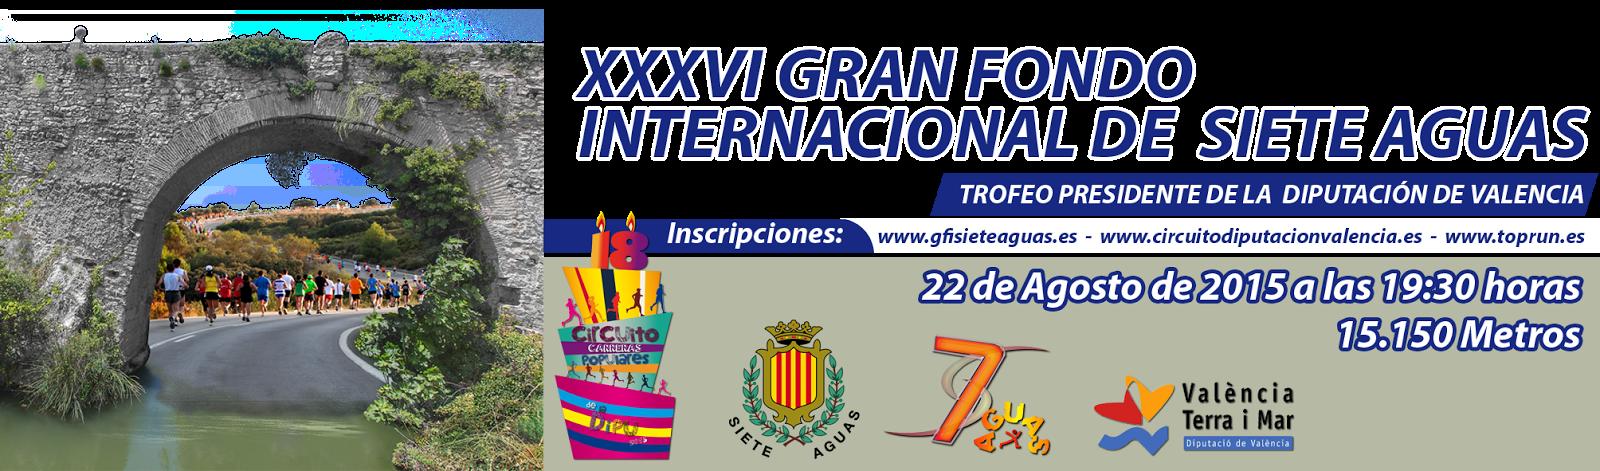 GRAN FONDO INTERNACIONAL DE SIETE AGUAS